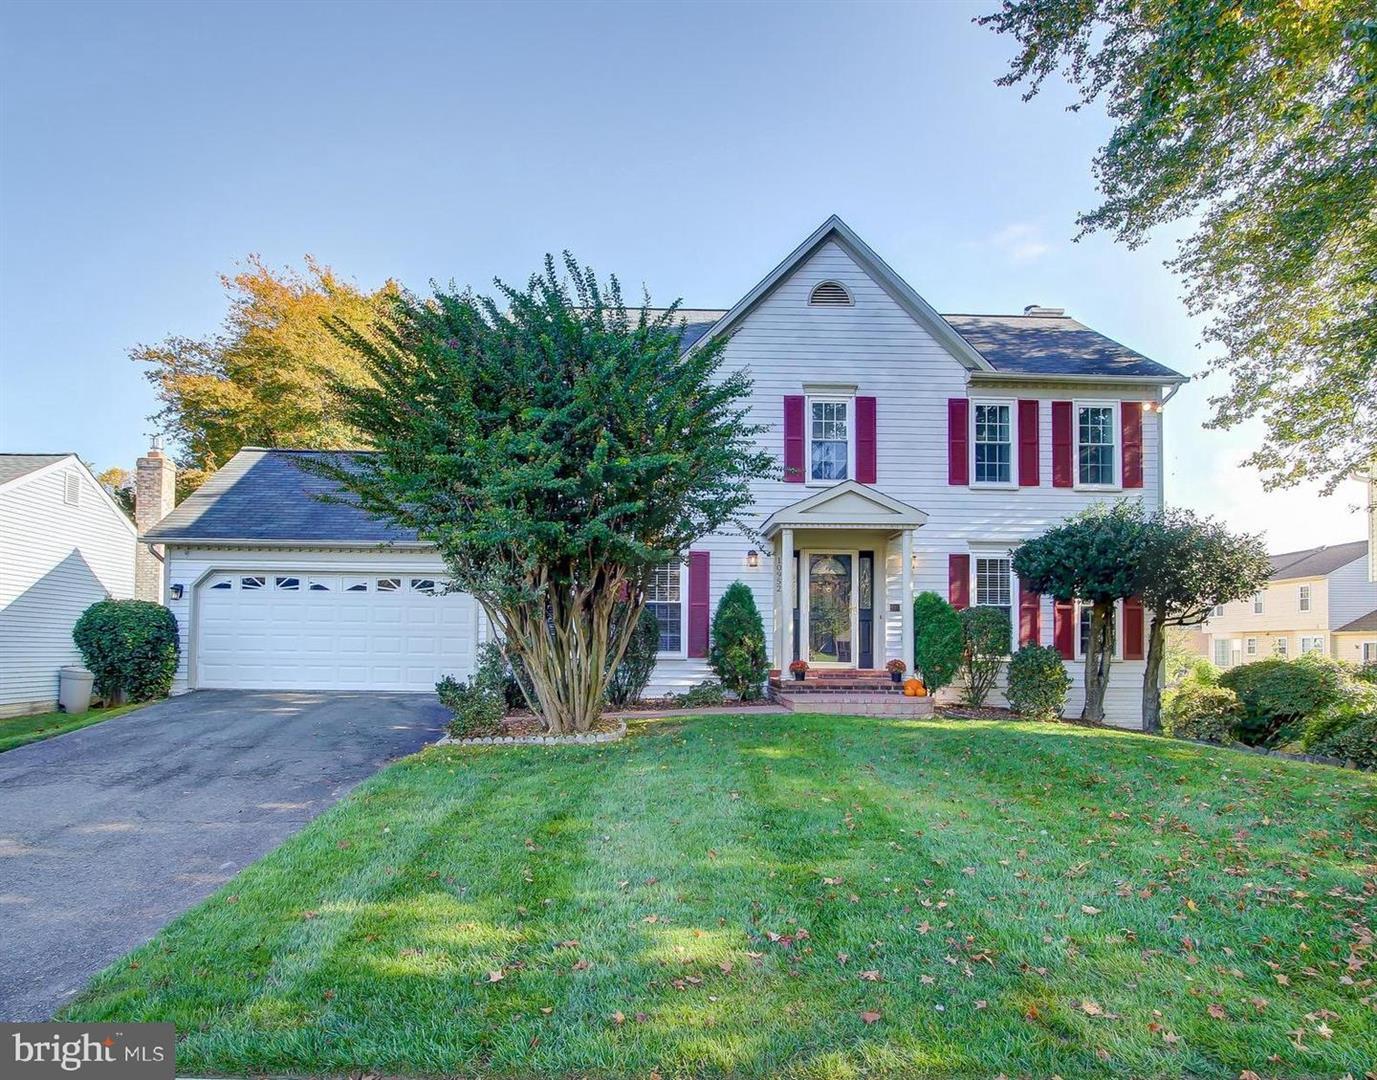 10952 Adare Dr - Home for sale in Fairfax, VA